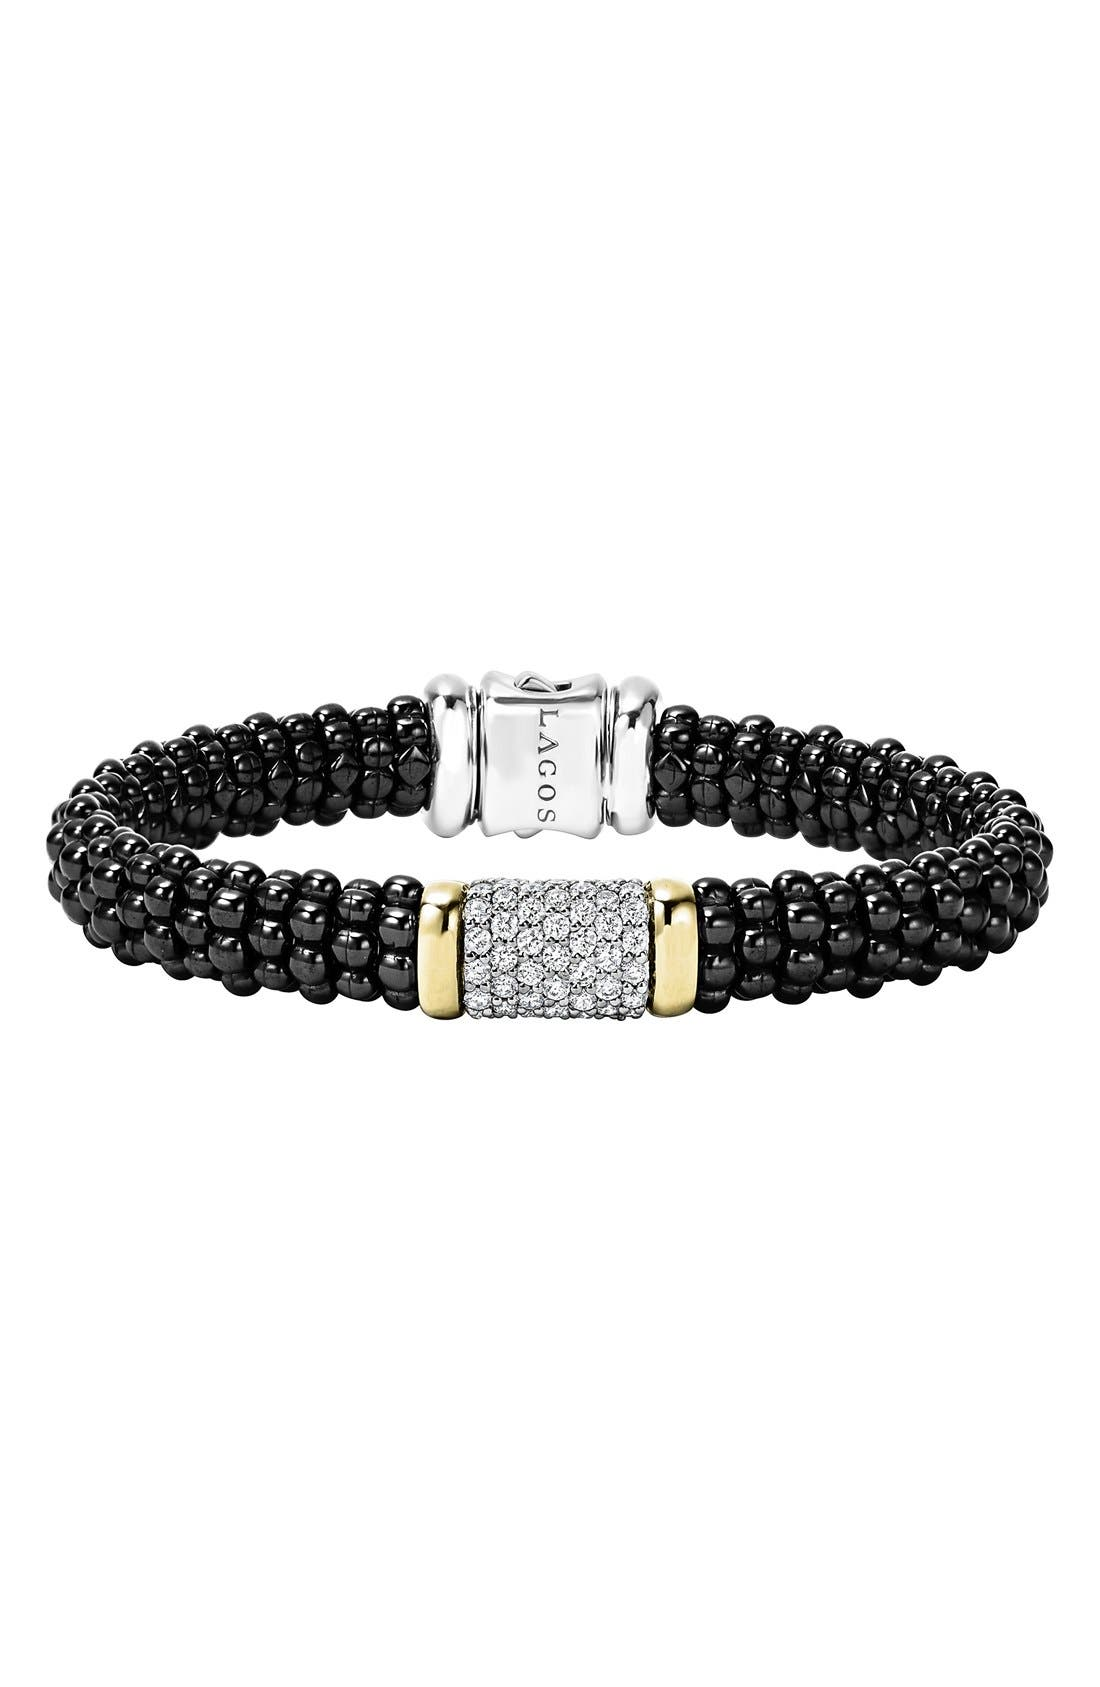 Main Image - LAGOS Black Caviar Diamond Pavé Rope Bracelet